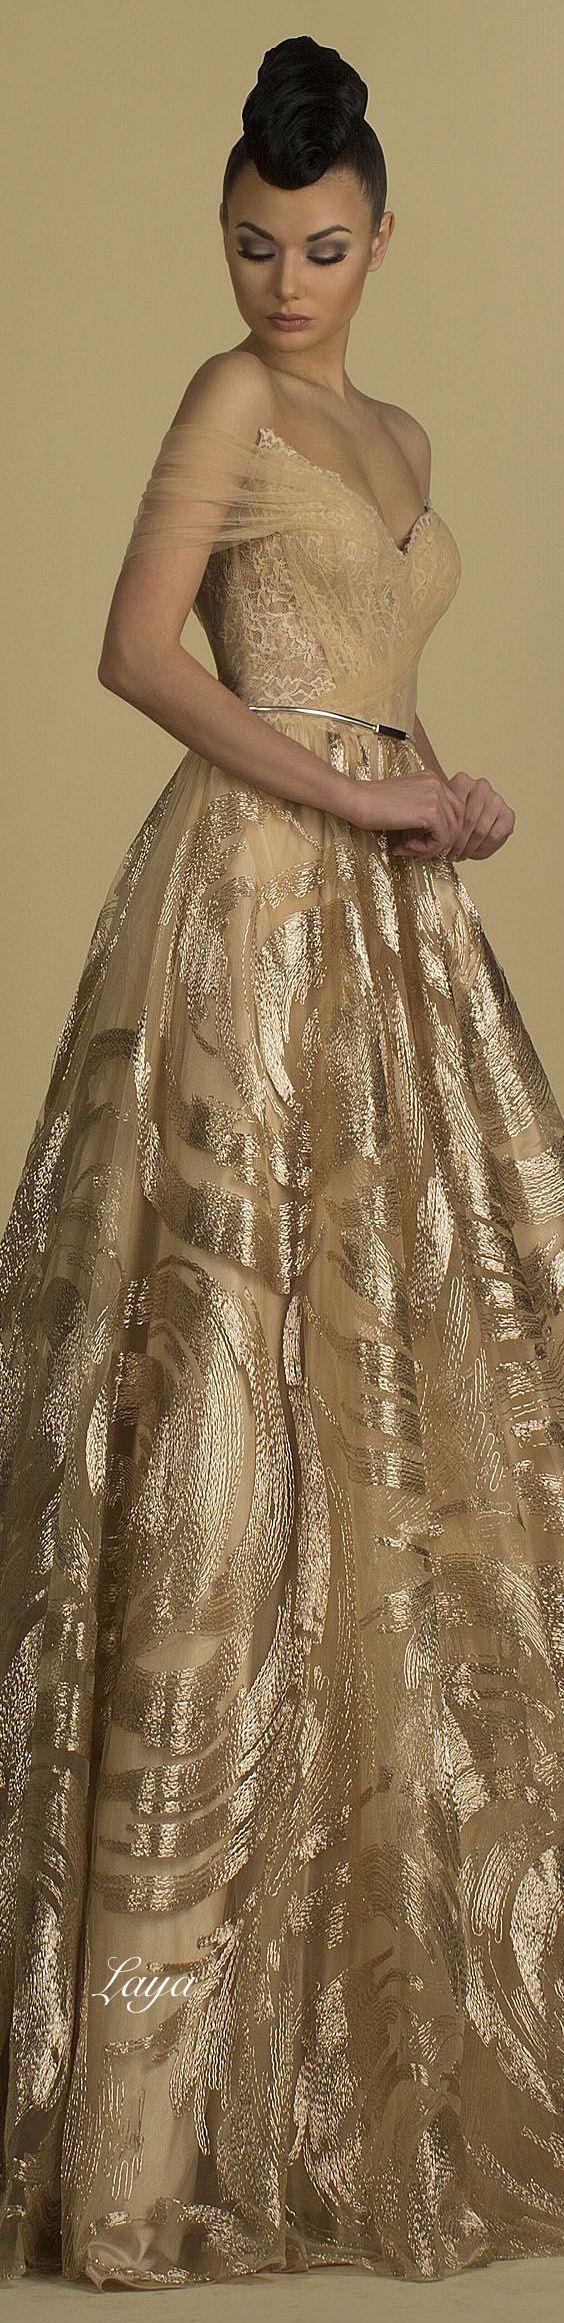 Long Gown - http://www.inews-news.com/women-s-world.html